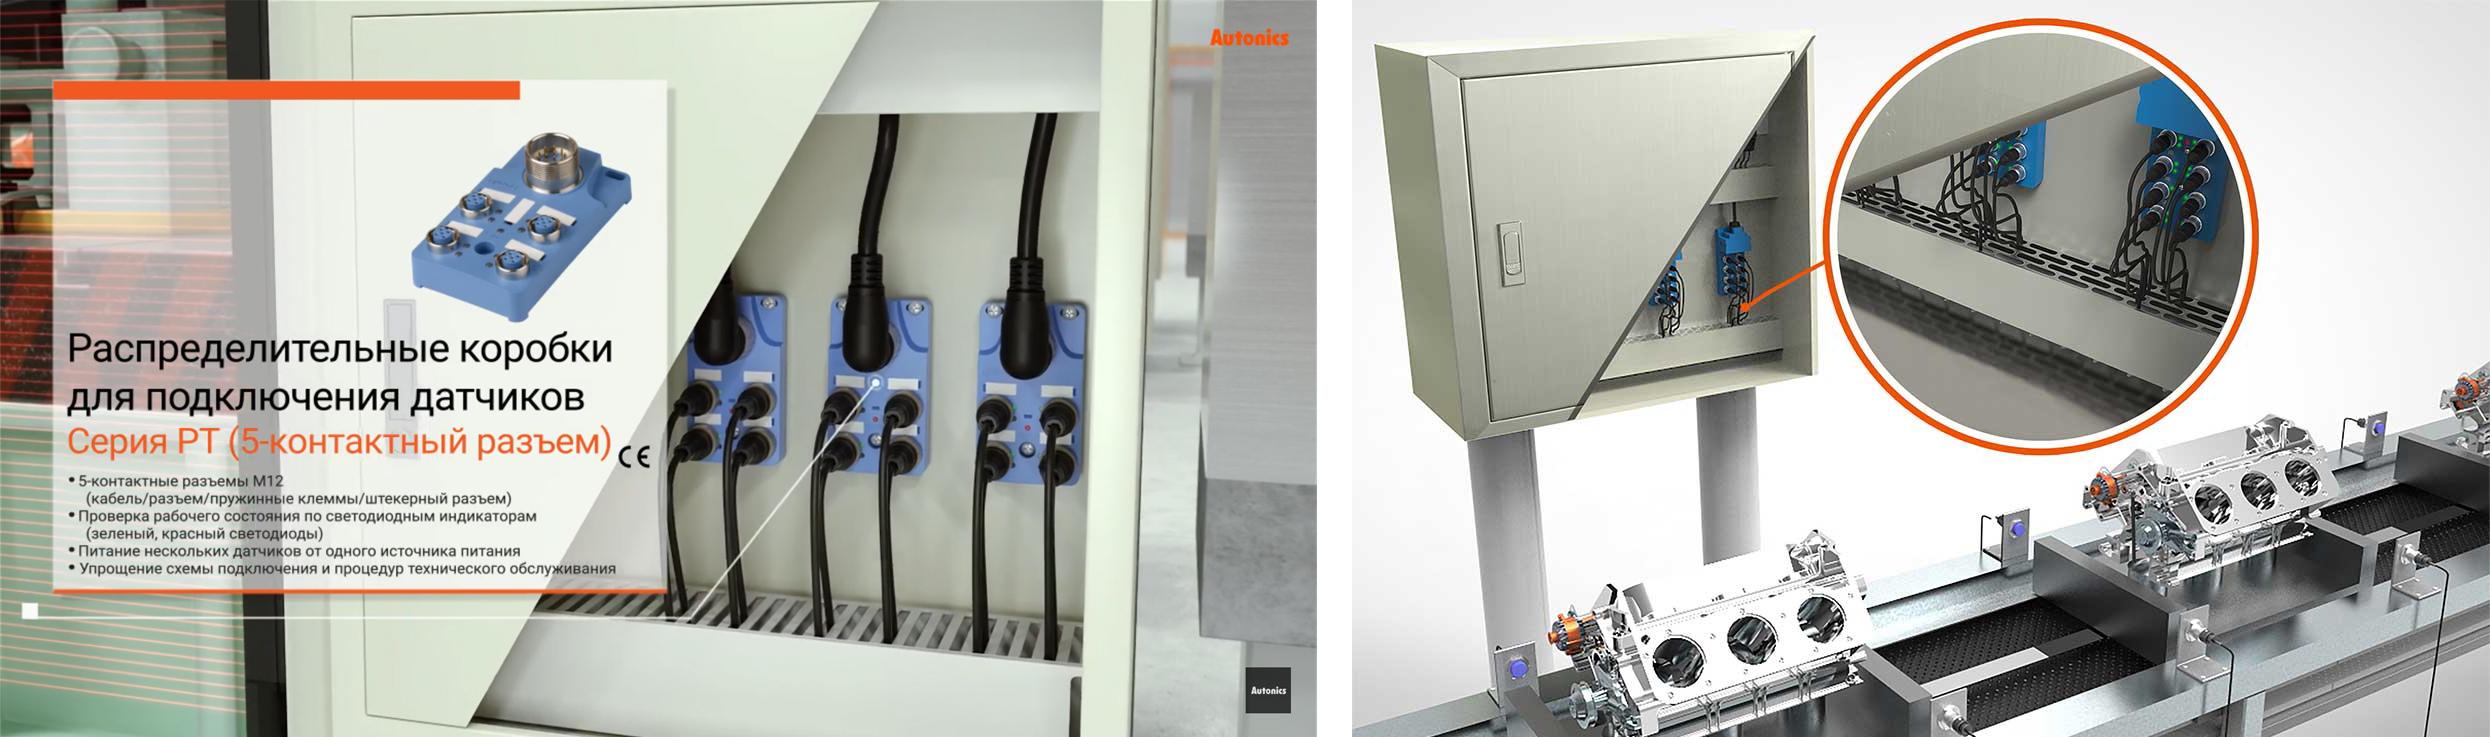 Пример использования распределительных коробок серии PT компании Autonics для подключения датчиков на производственной линии и в линиях производства автомобильных двигателей для подачи питания и сигнала на отдельные датчики